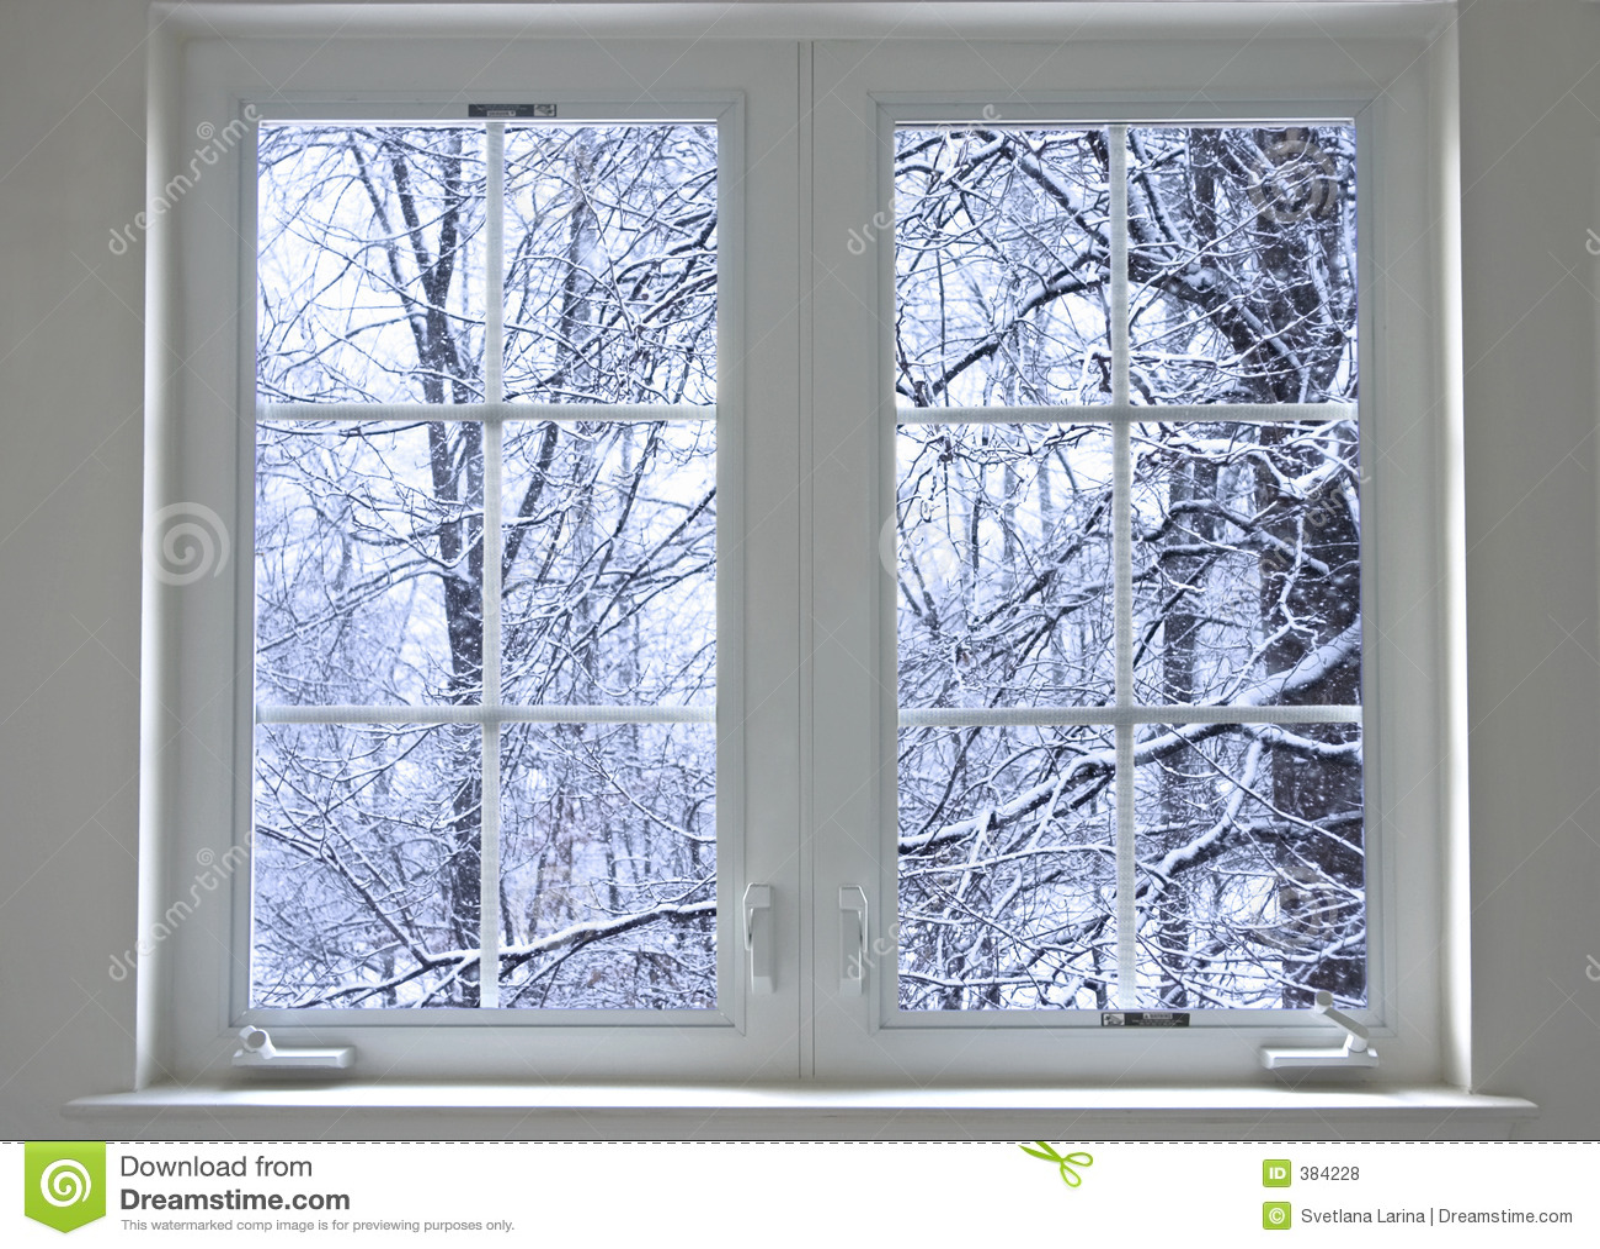 Offenes fenster im winter  Die schönsten Ideen, Beispiele, und inspirierende bilder für ...